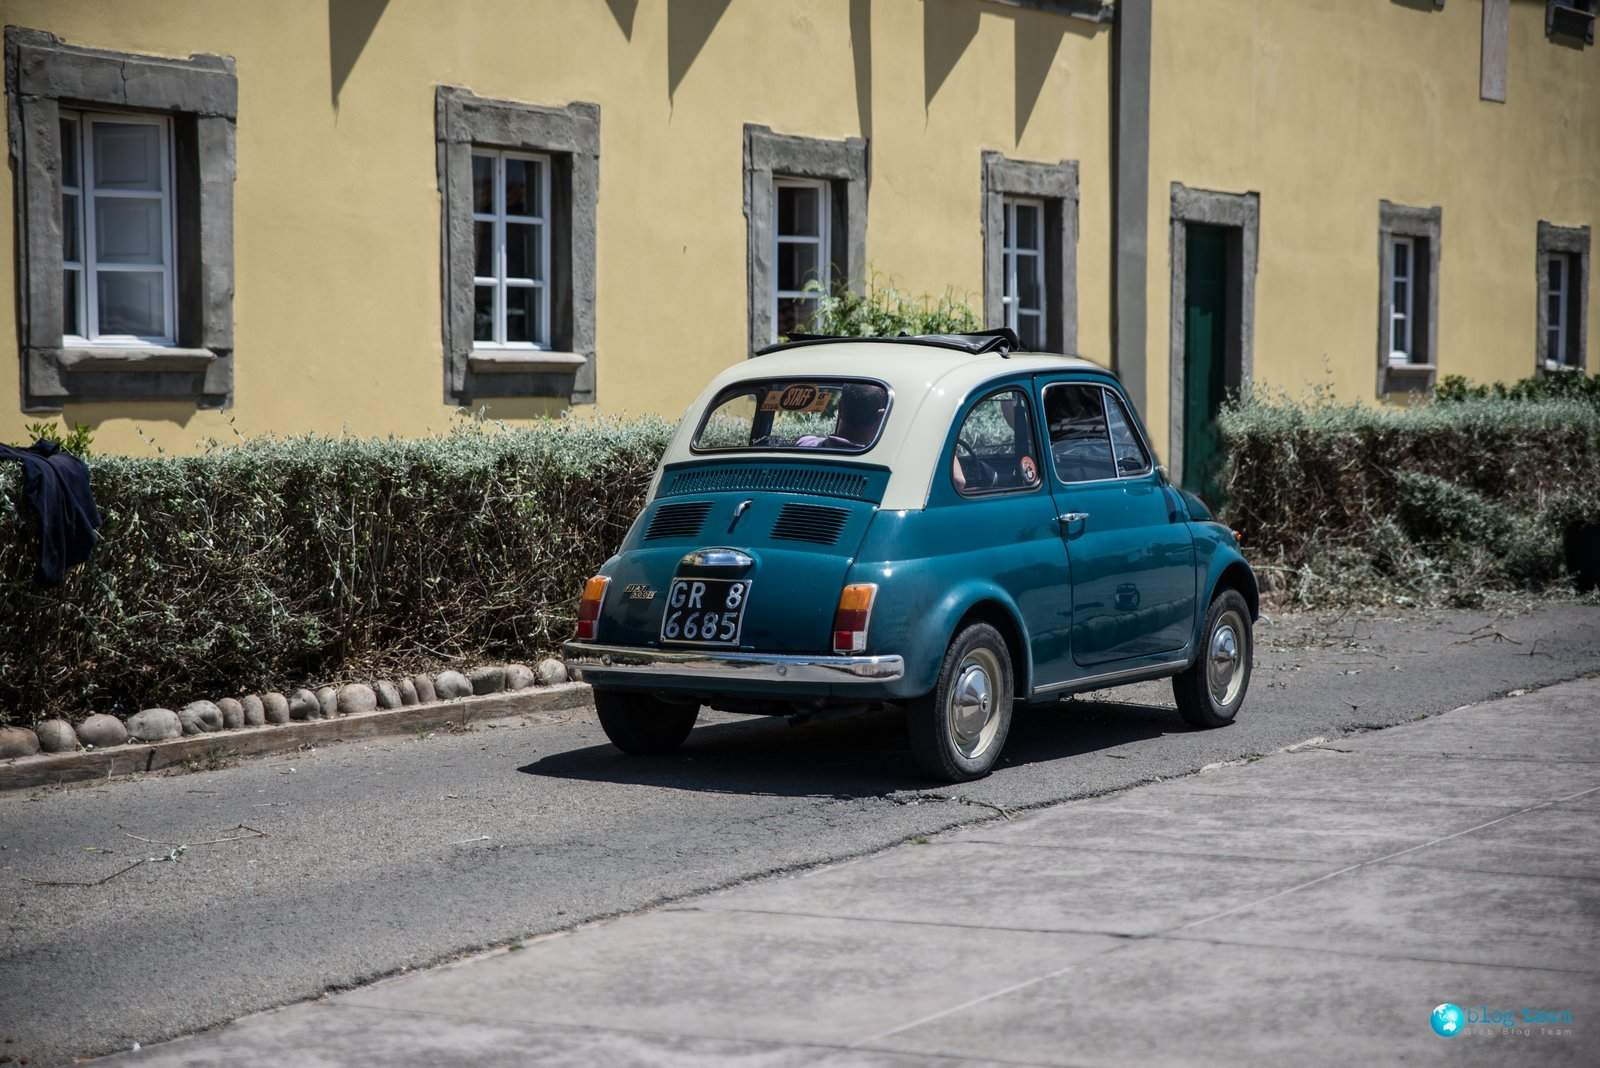 Stary Fiat 500L - Old Fiat 500L